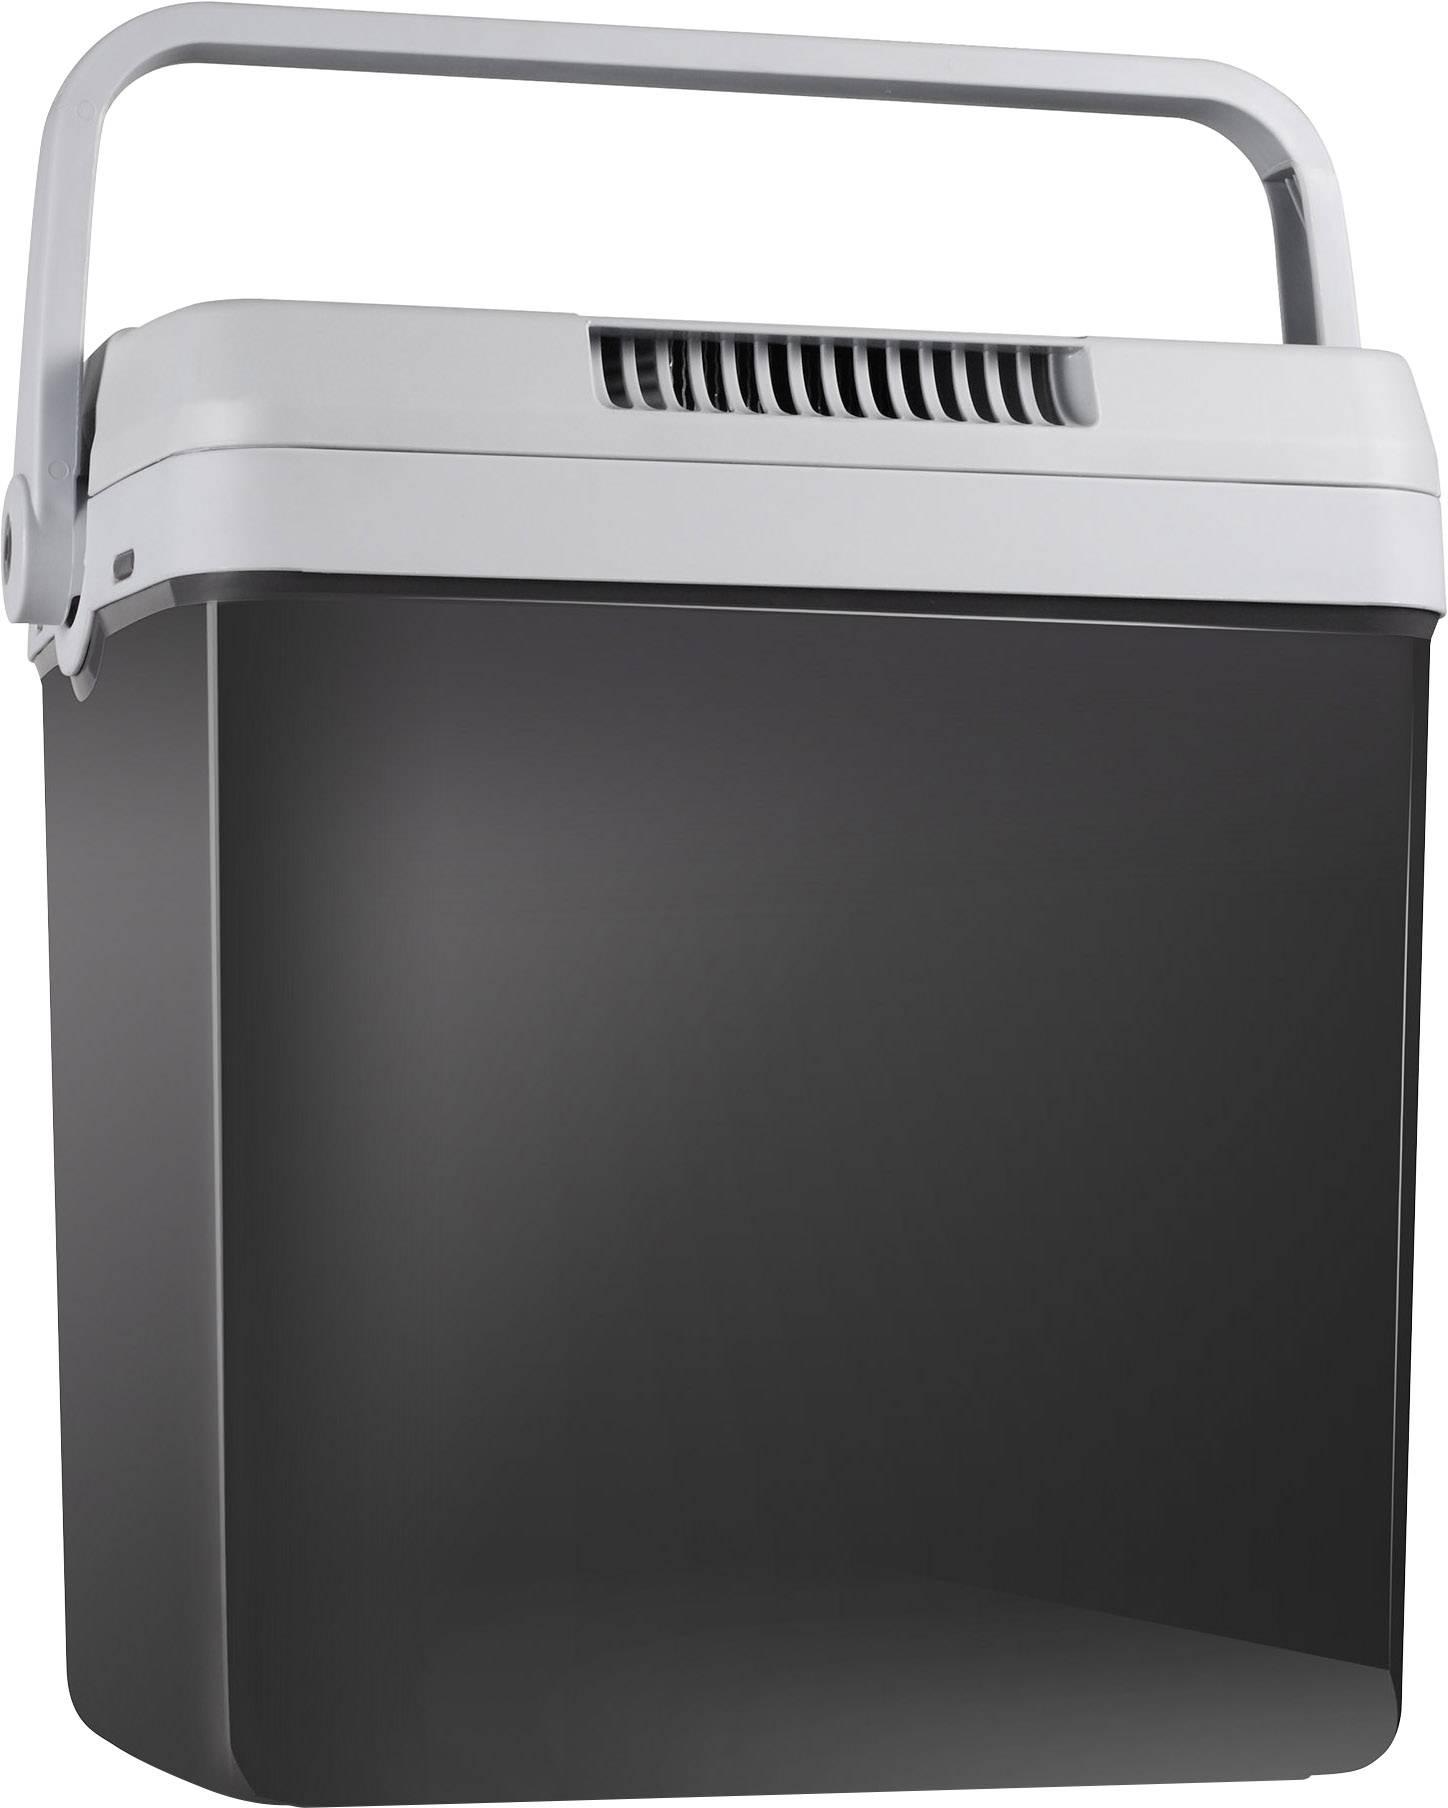 Přenosná lednice (autochladnička) Tristar KB-7532, 12 V, 230 V, šedá